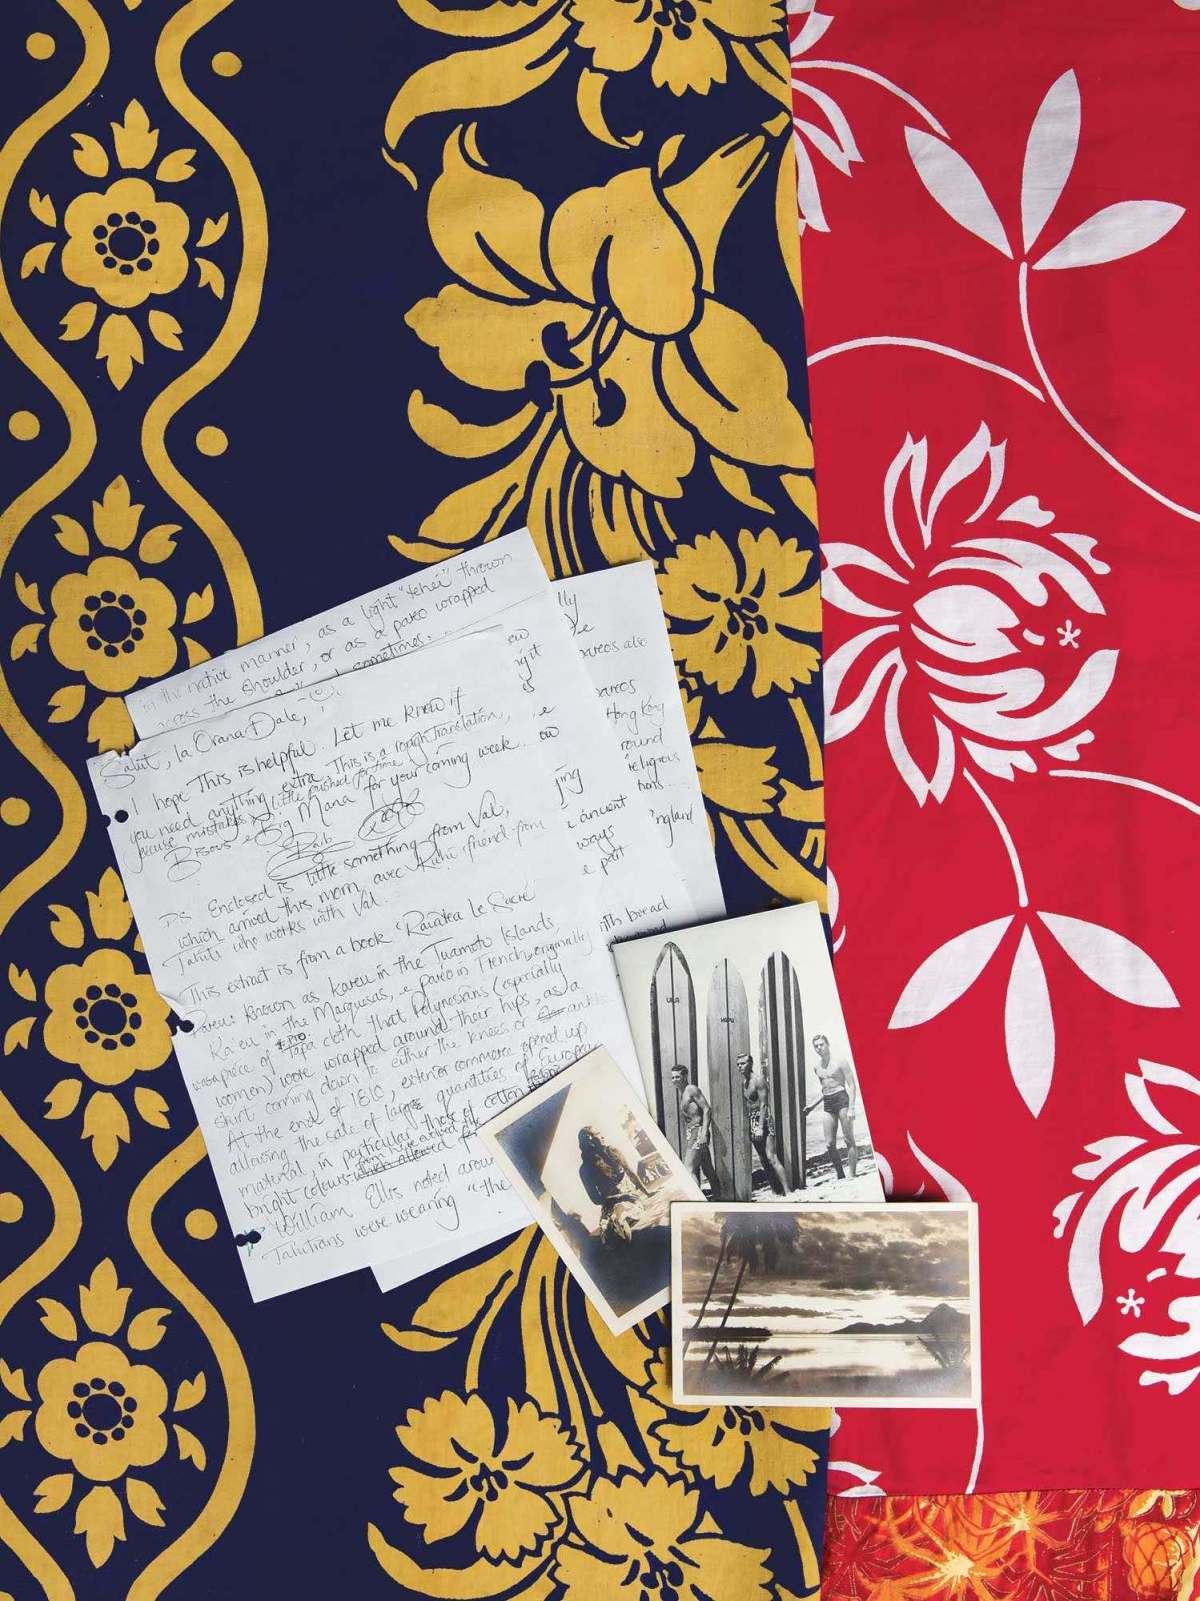 デール・ホープさんへの手紙と写真